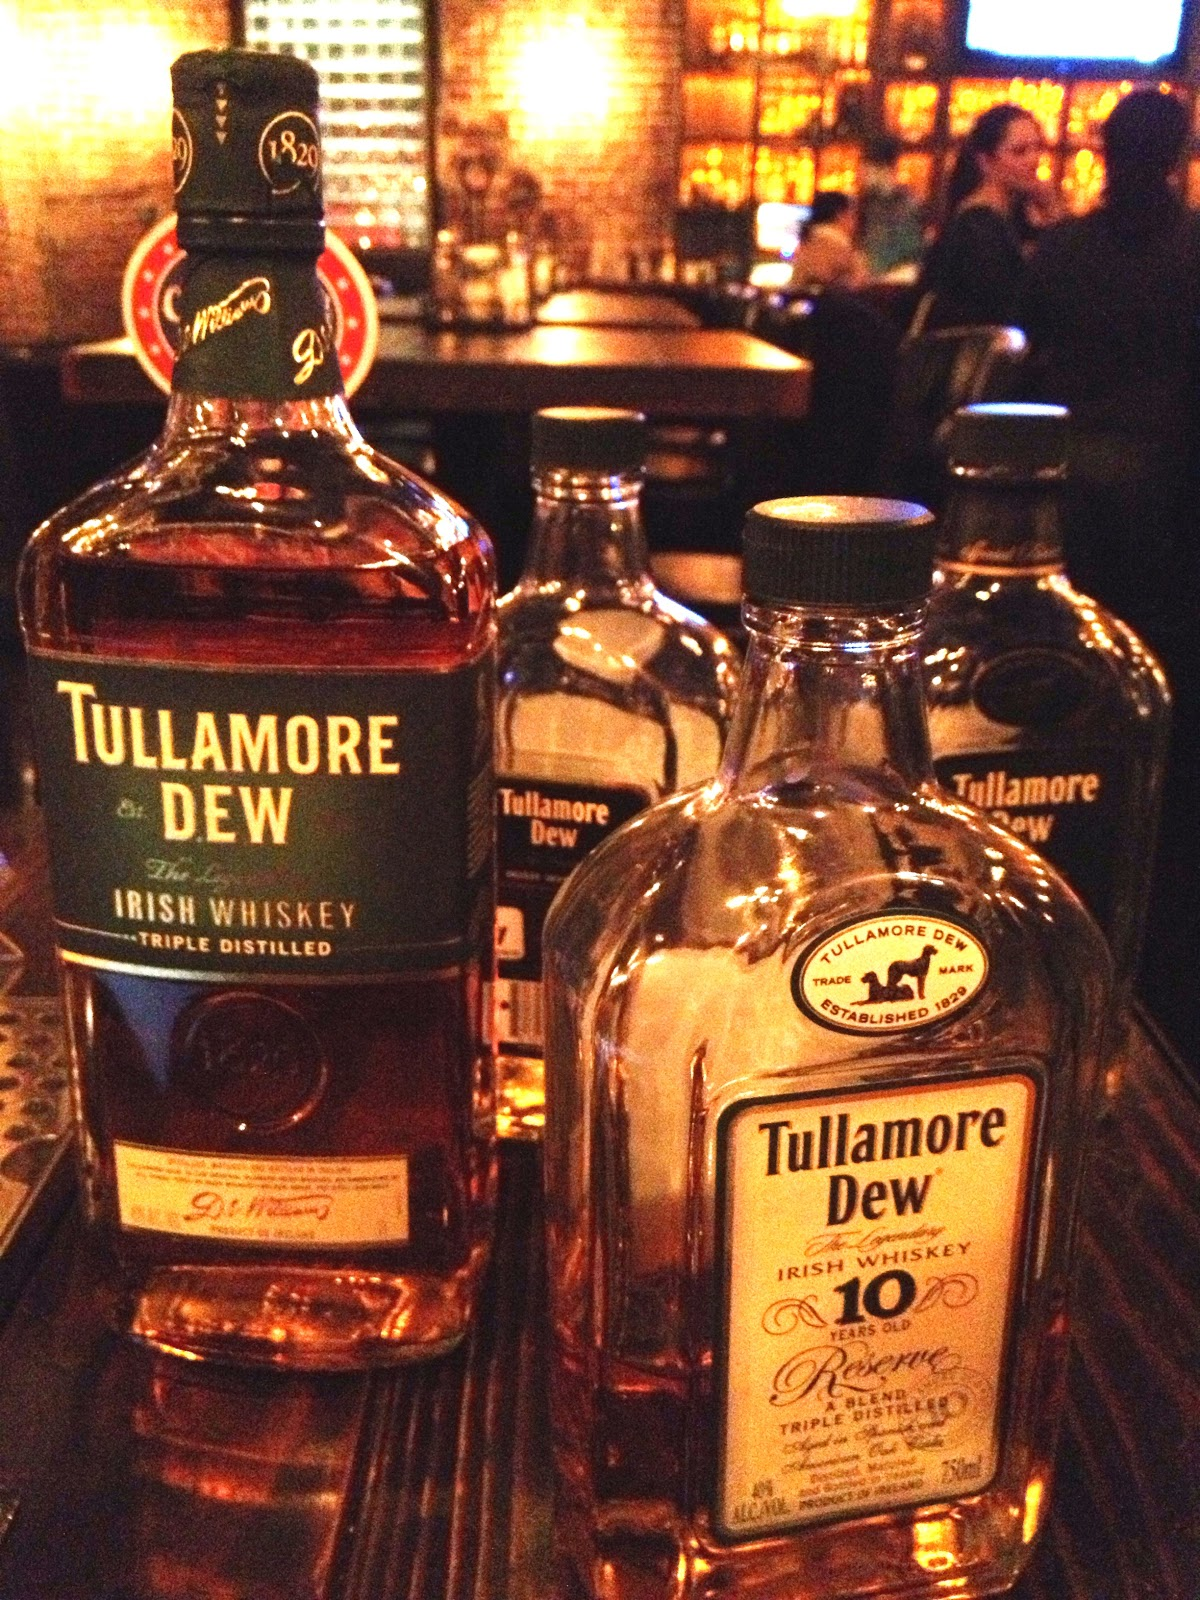 bester irischer whisky